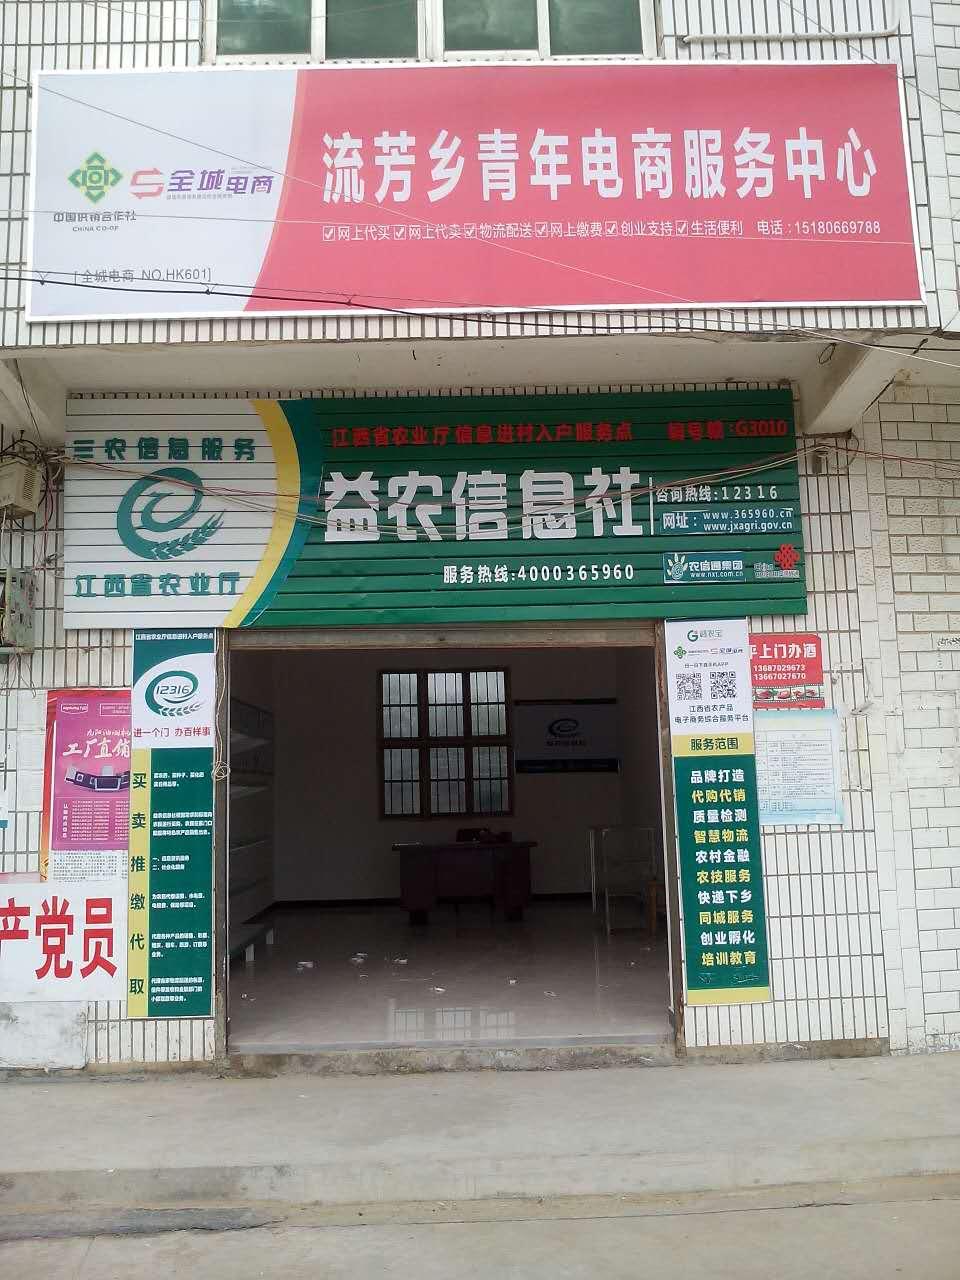 流芳乡青年村电商服务站正式营业